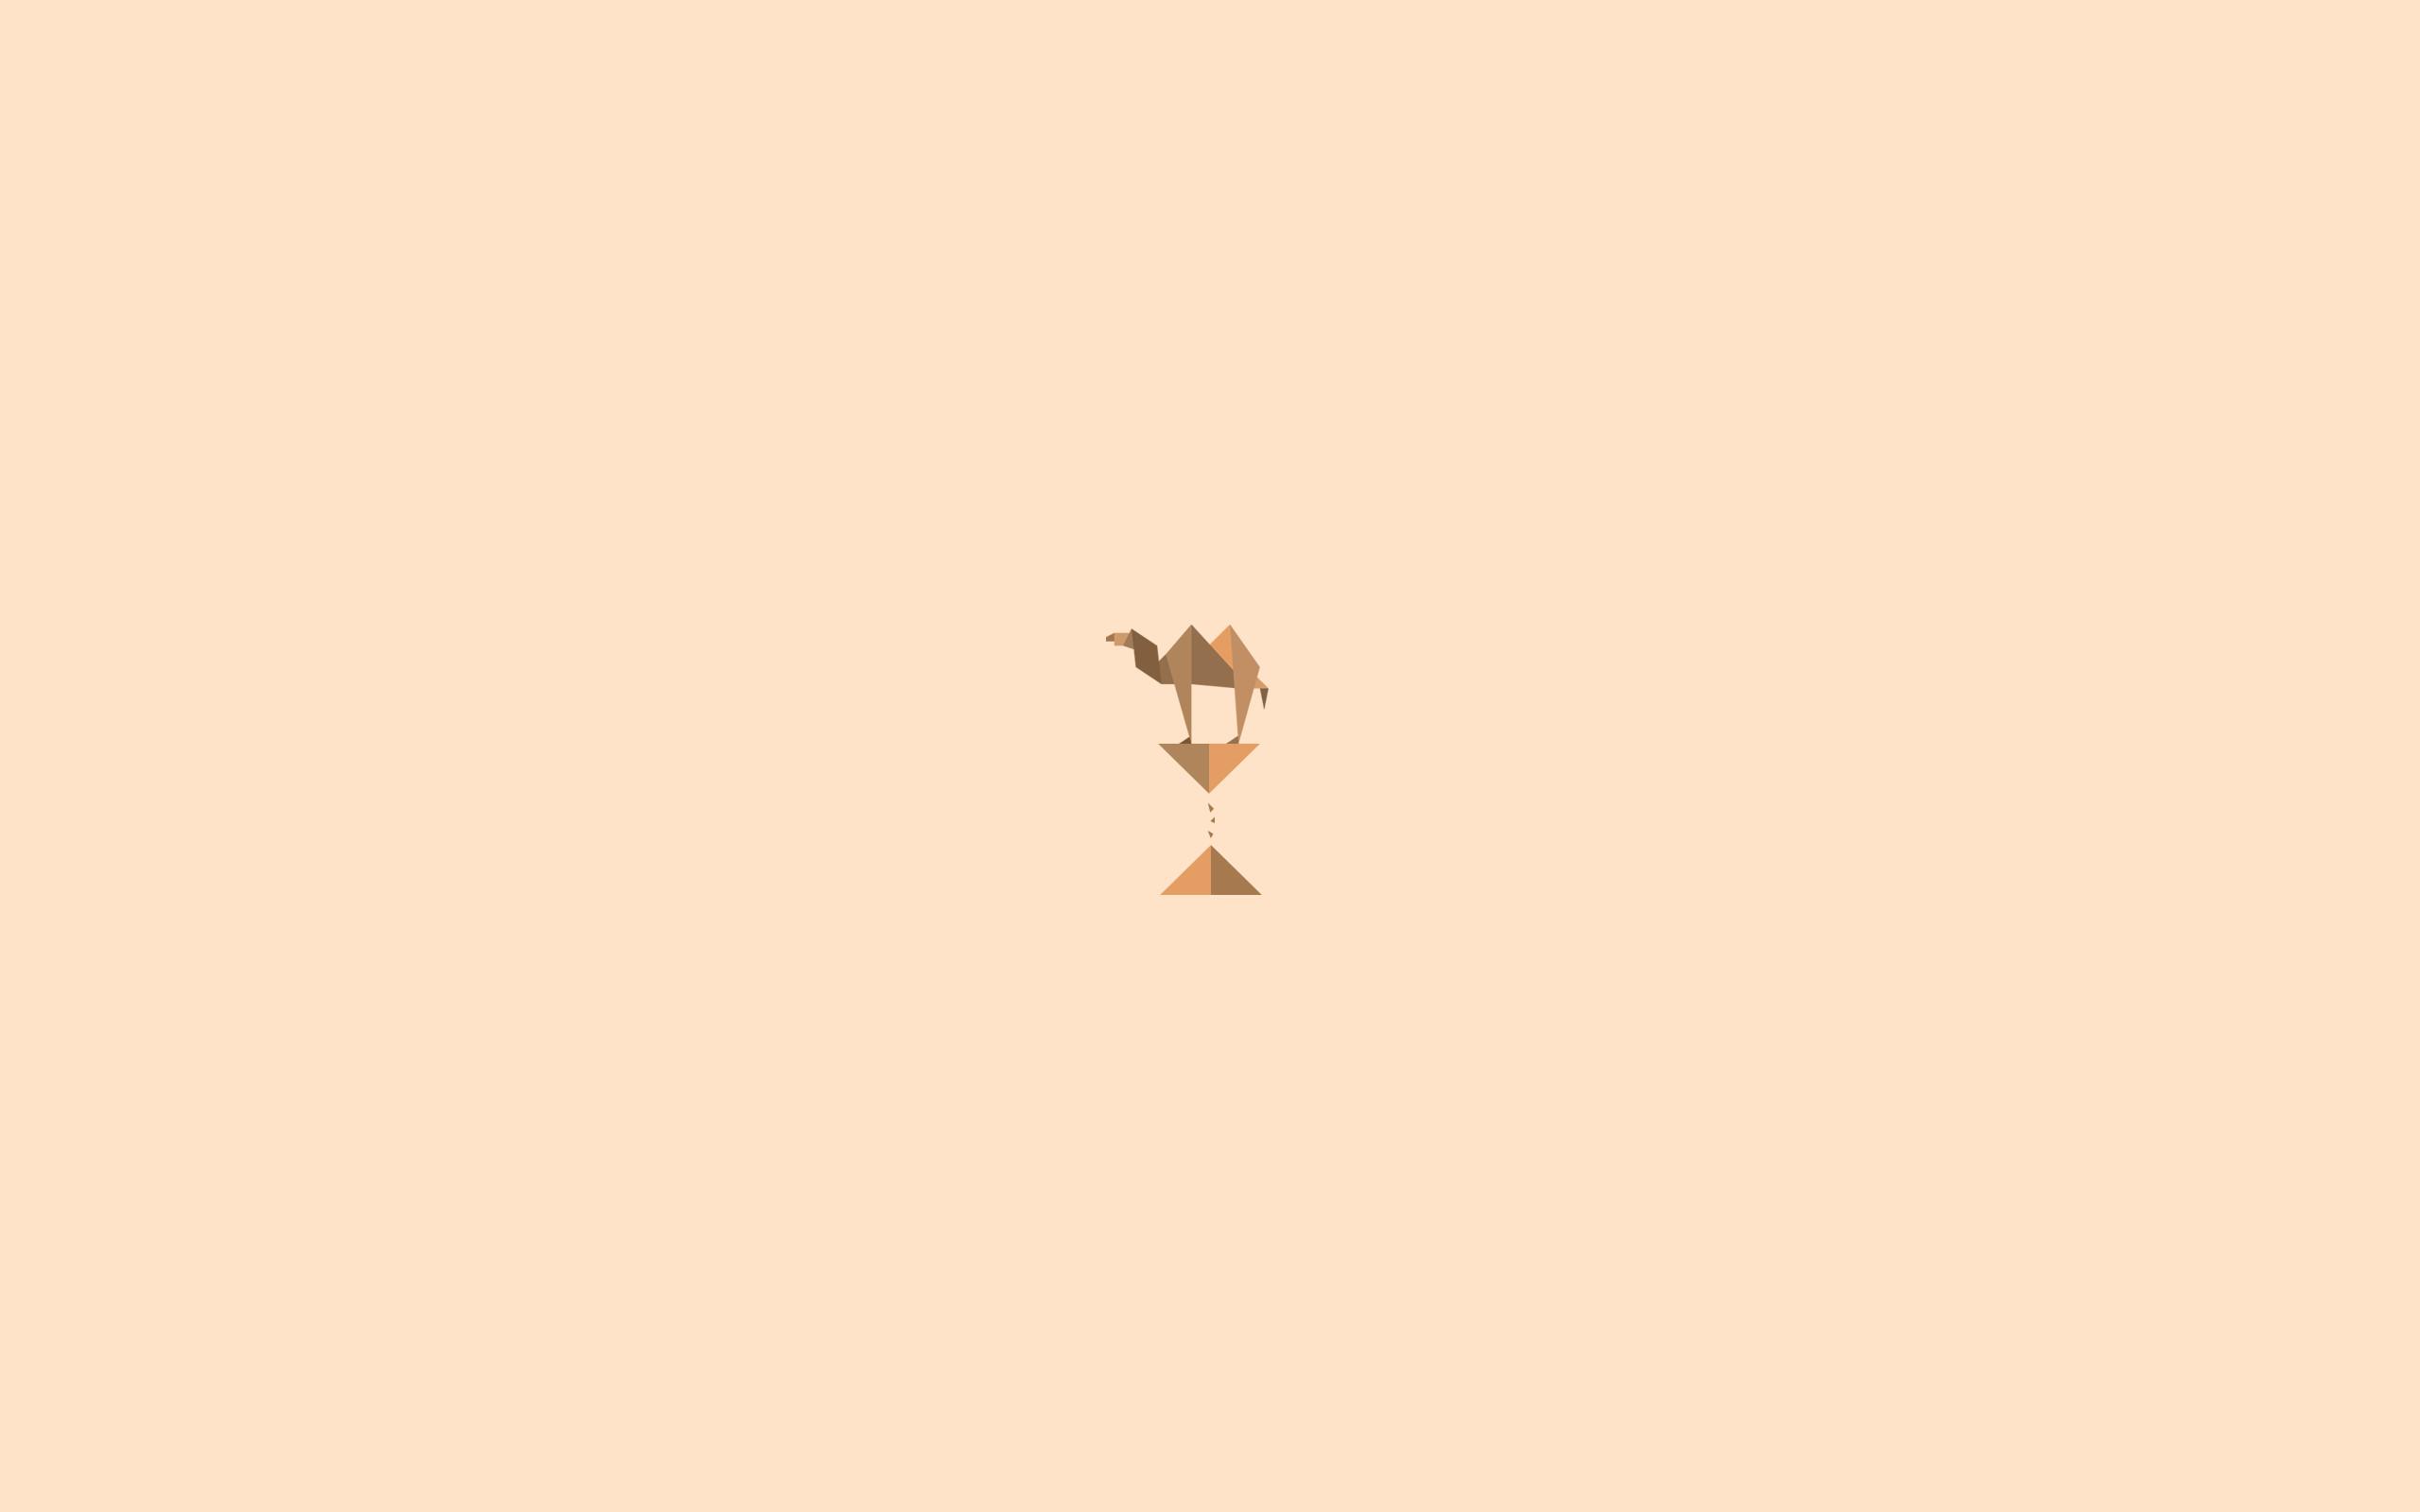 Minimalist Wallpaper (91+ immagini)